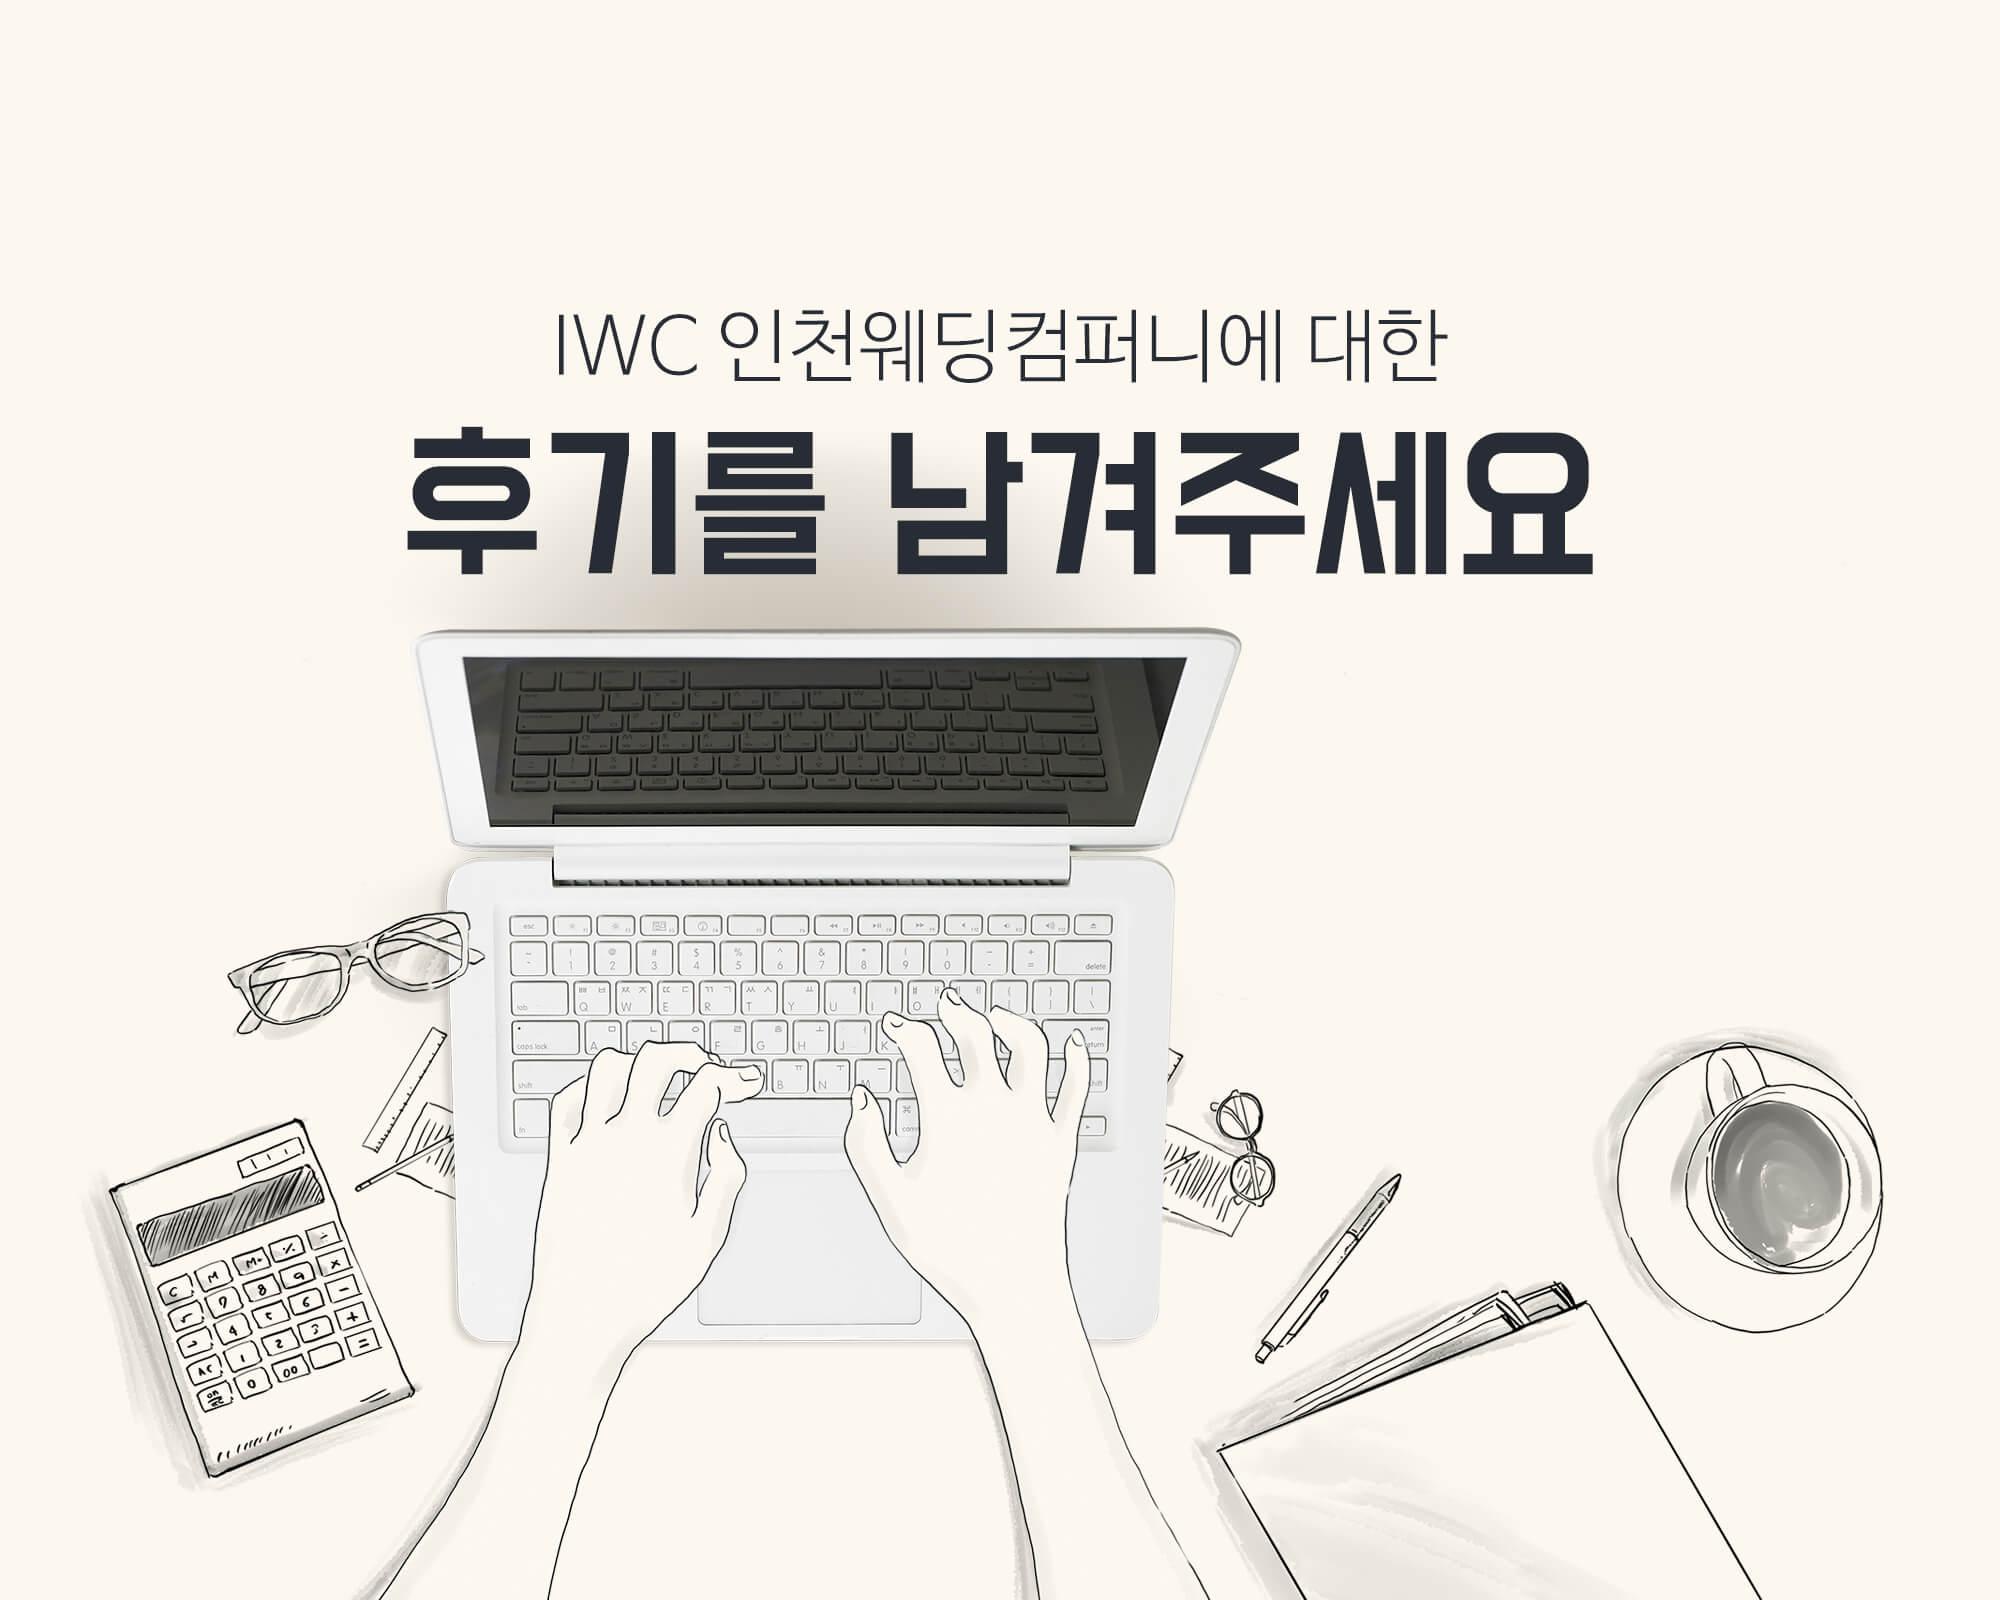 인천웨딩컴퍼니(IWC) 후기